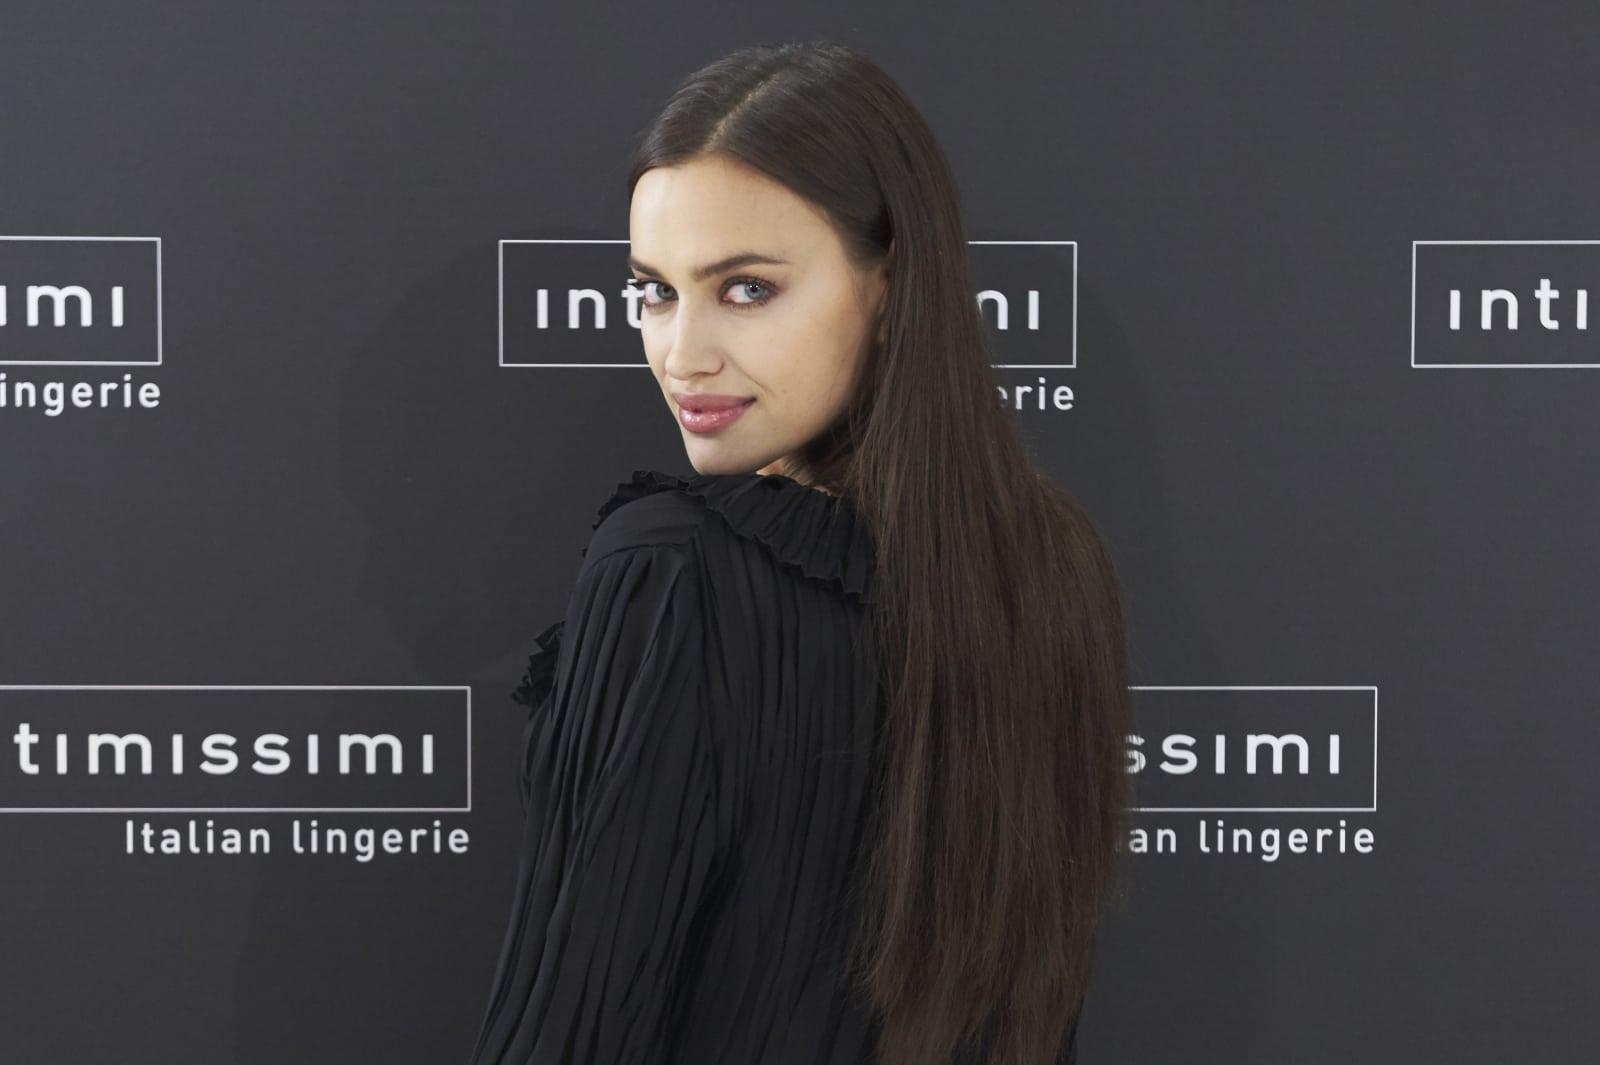 Schauspielerin braune locken deutsche haare Profilbilder Instagram